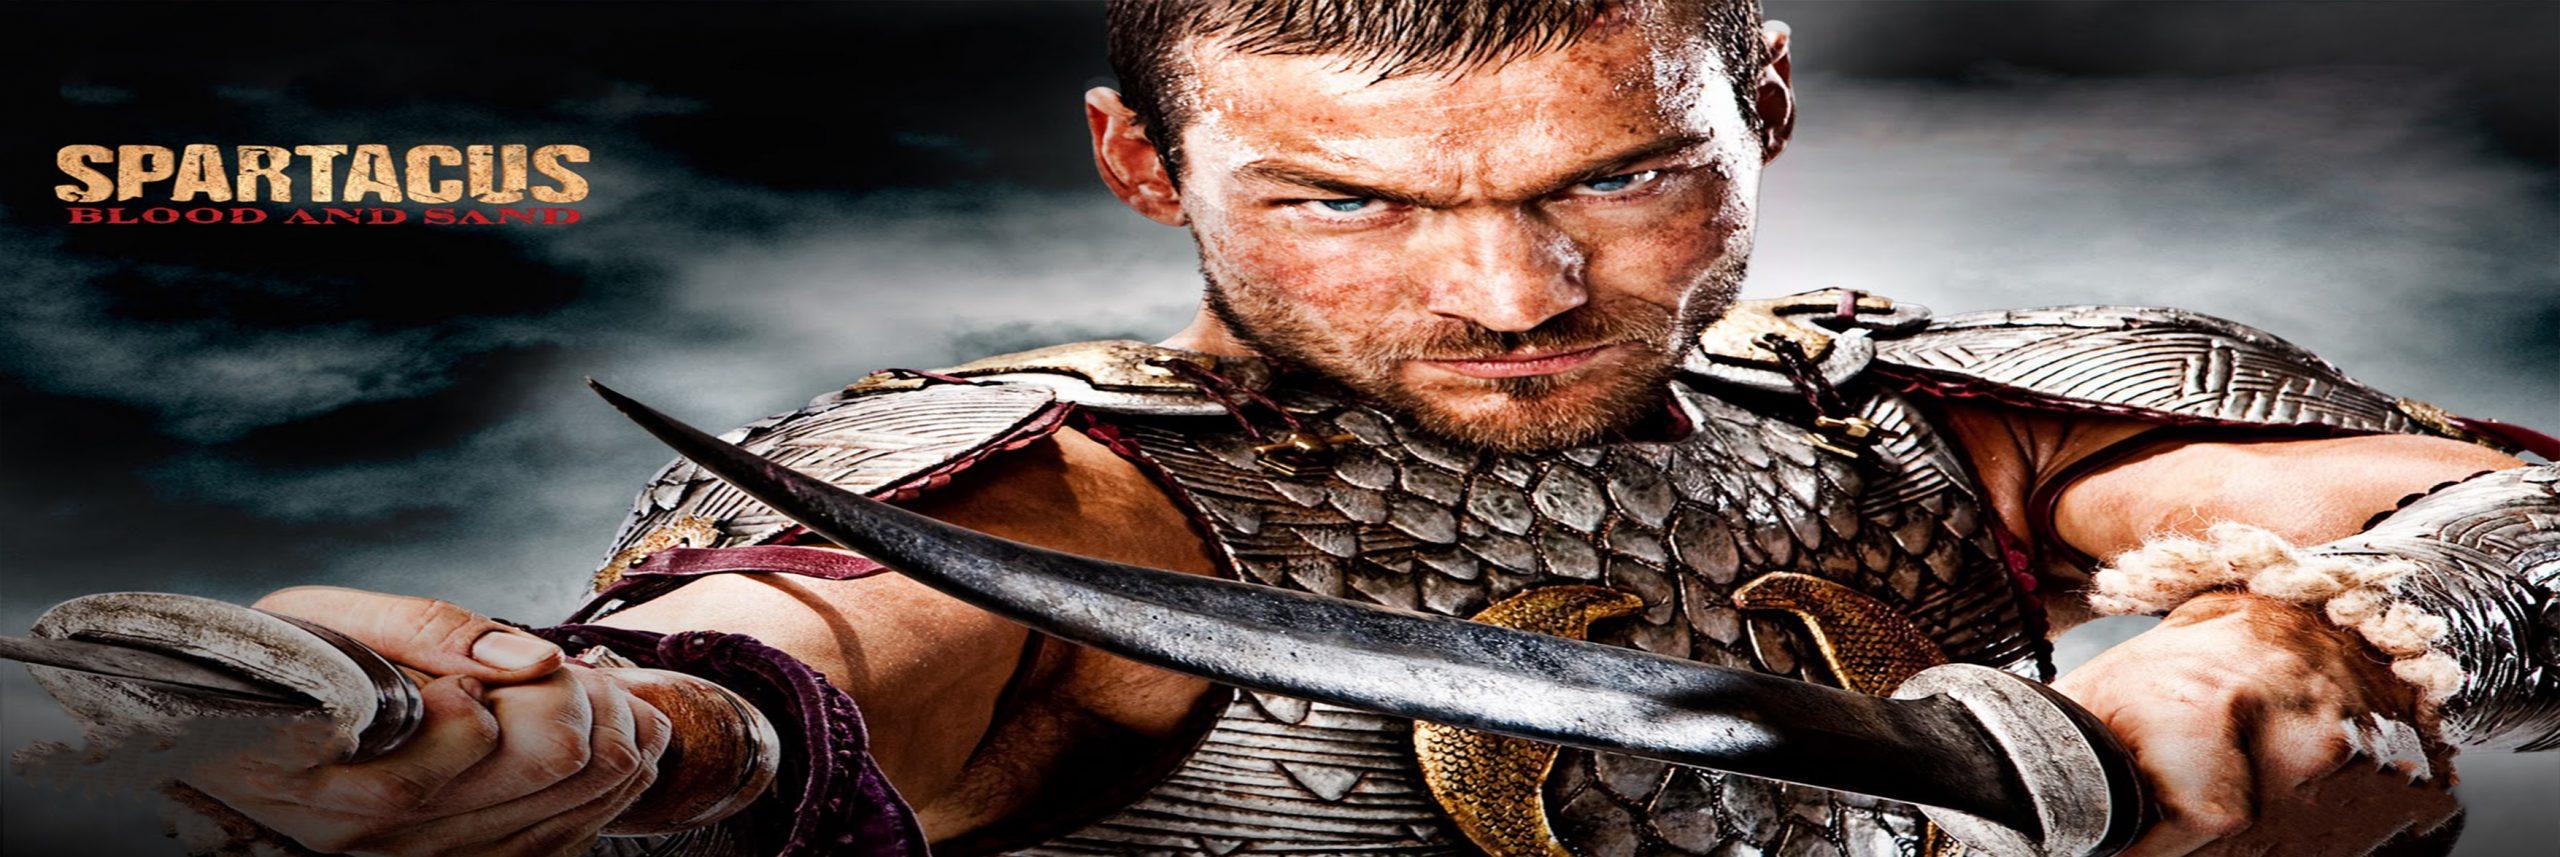 اسپارتاکوس : خون و شن – Spartacus : Blood And Sand